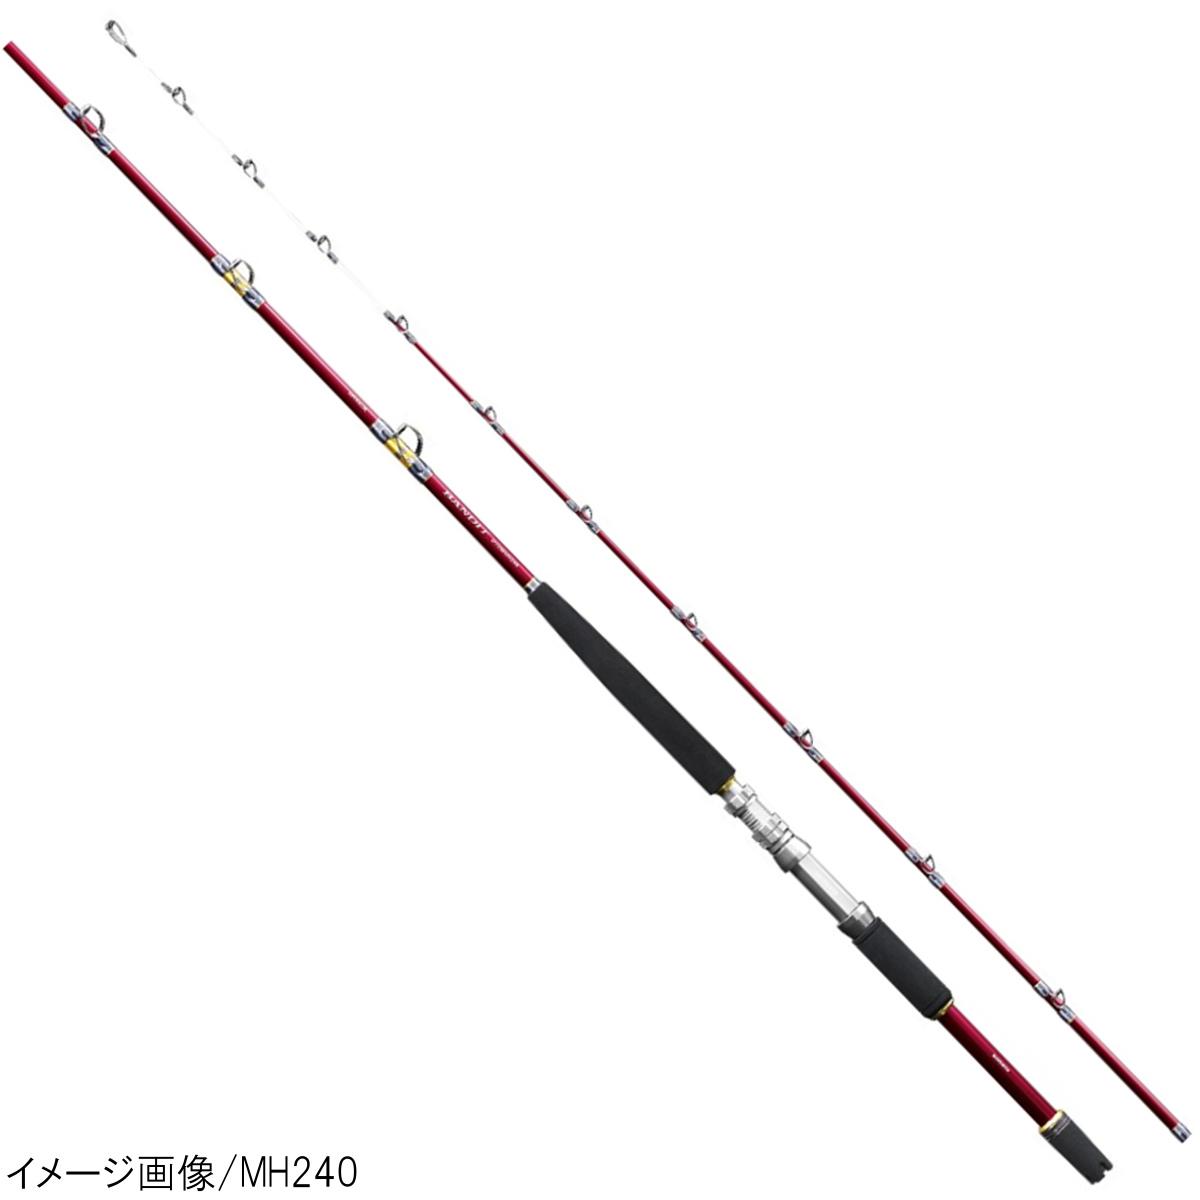 シマノ バンディット 落し込み H230【大型商品】